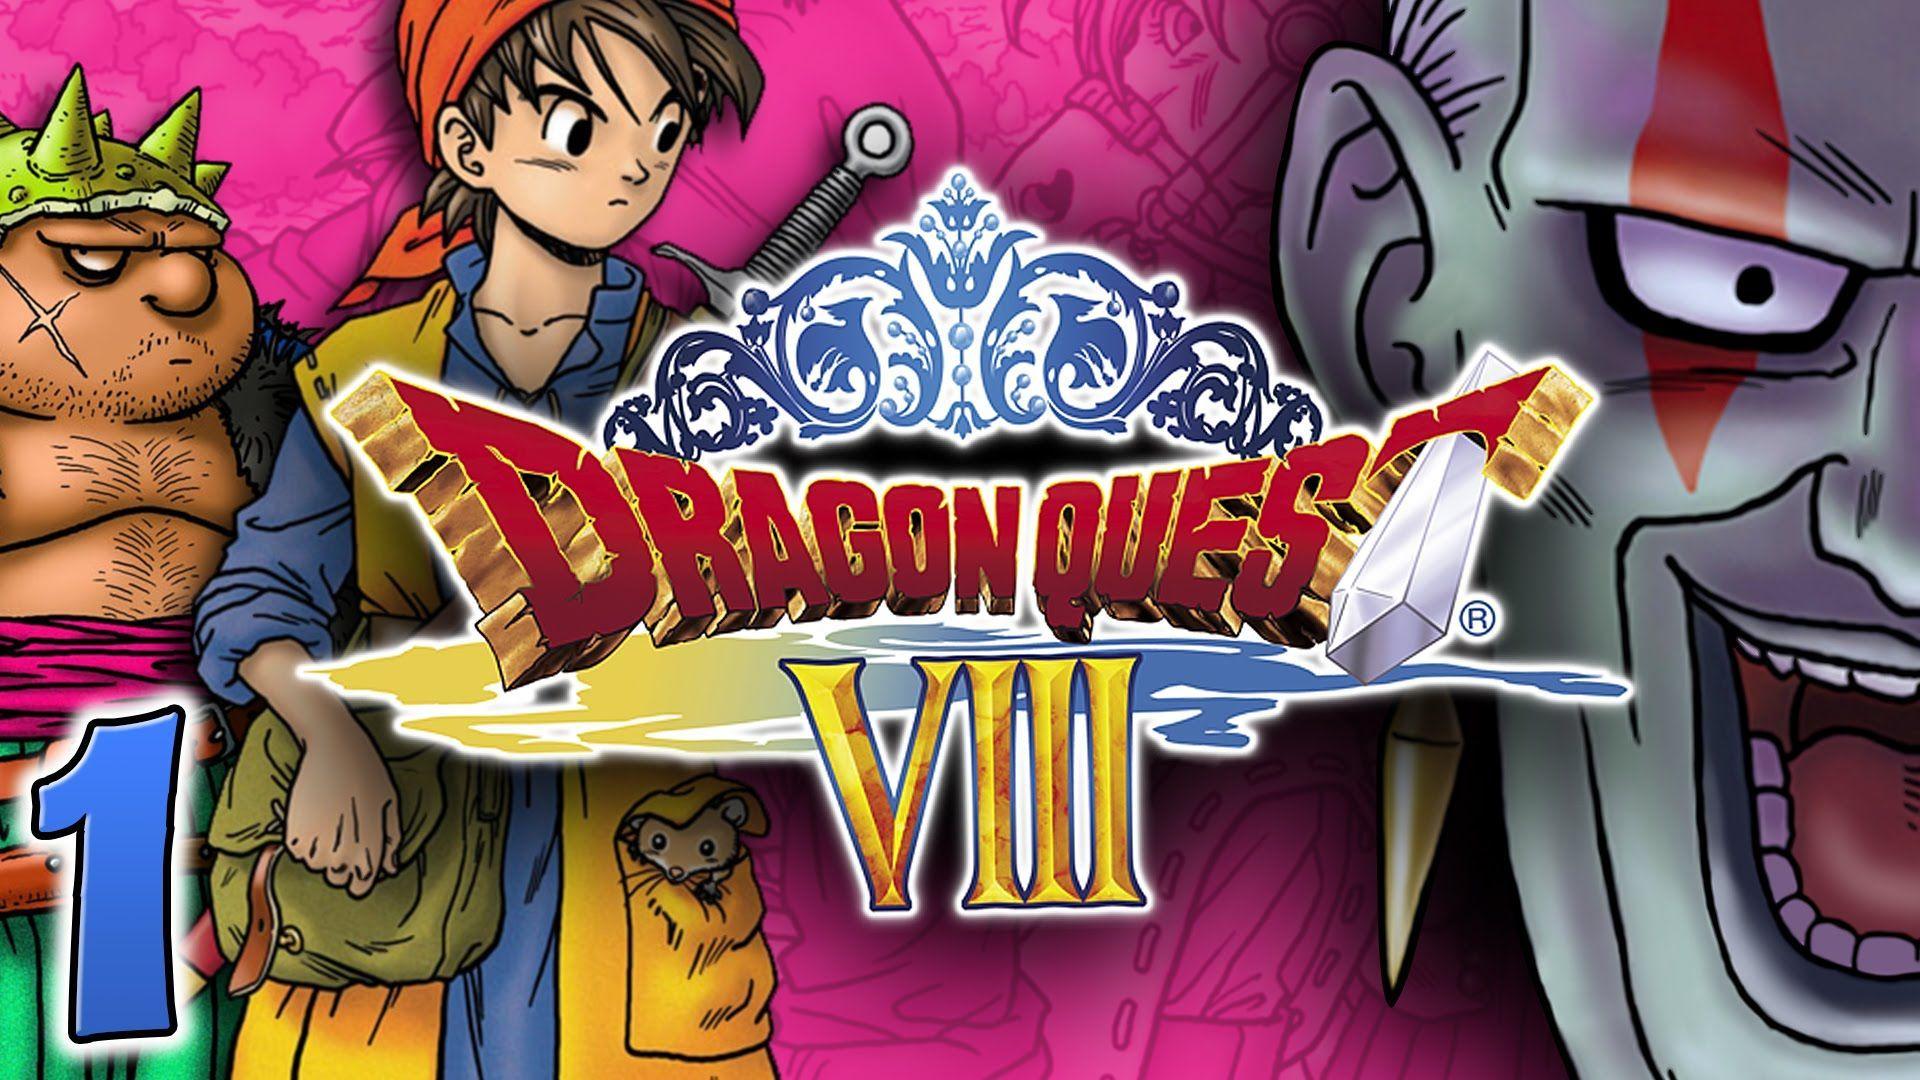 En Dragon Quest VIII, la espada matadragones es muy eficaz contra los dragones. ¿Cuánto?